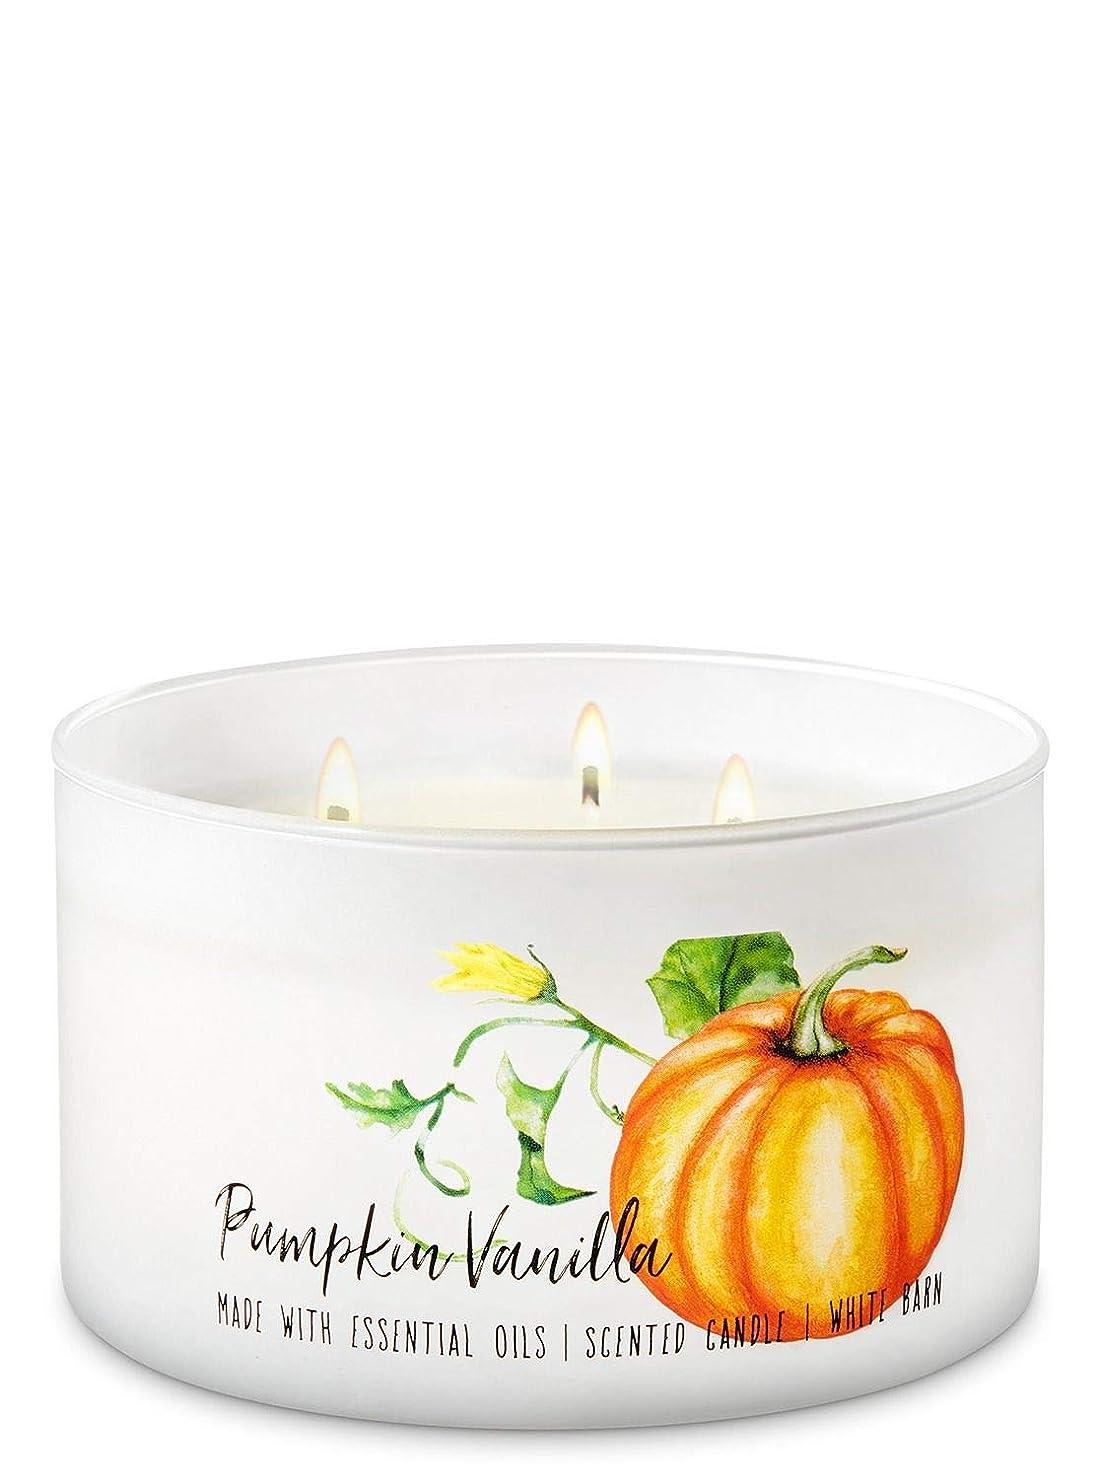 初期の海峡ひもハッチ【Bath&Body Works/バス&ボディワークス】 アロマキャンドル パンプキンバニラ 3-Wick Scented Candle Pumpkin Vanilla 14.5oz/411g [並行輸入品]